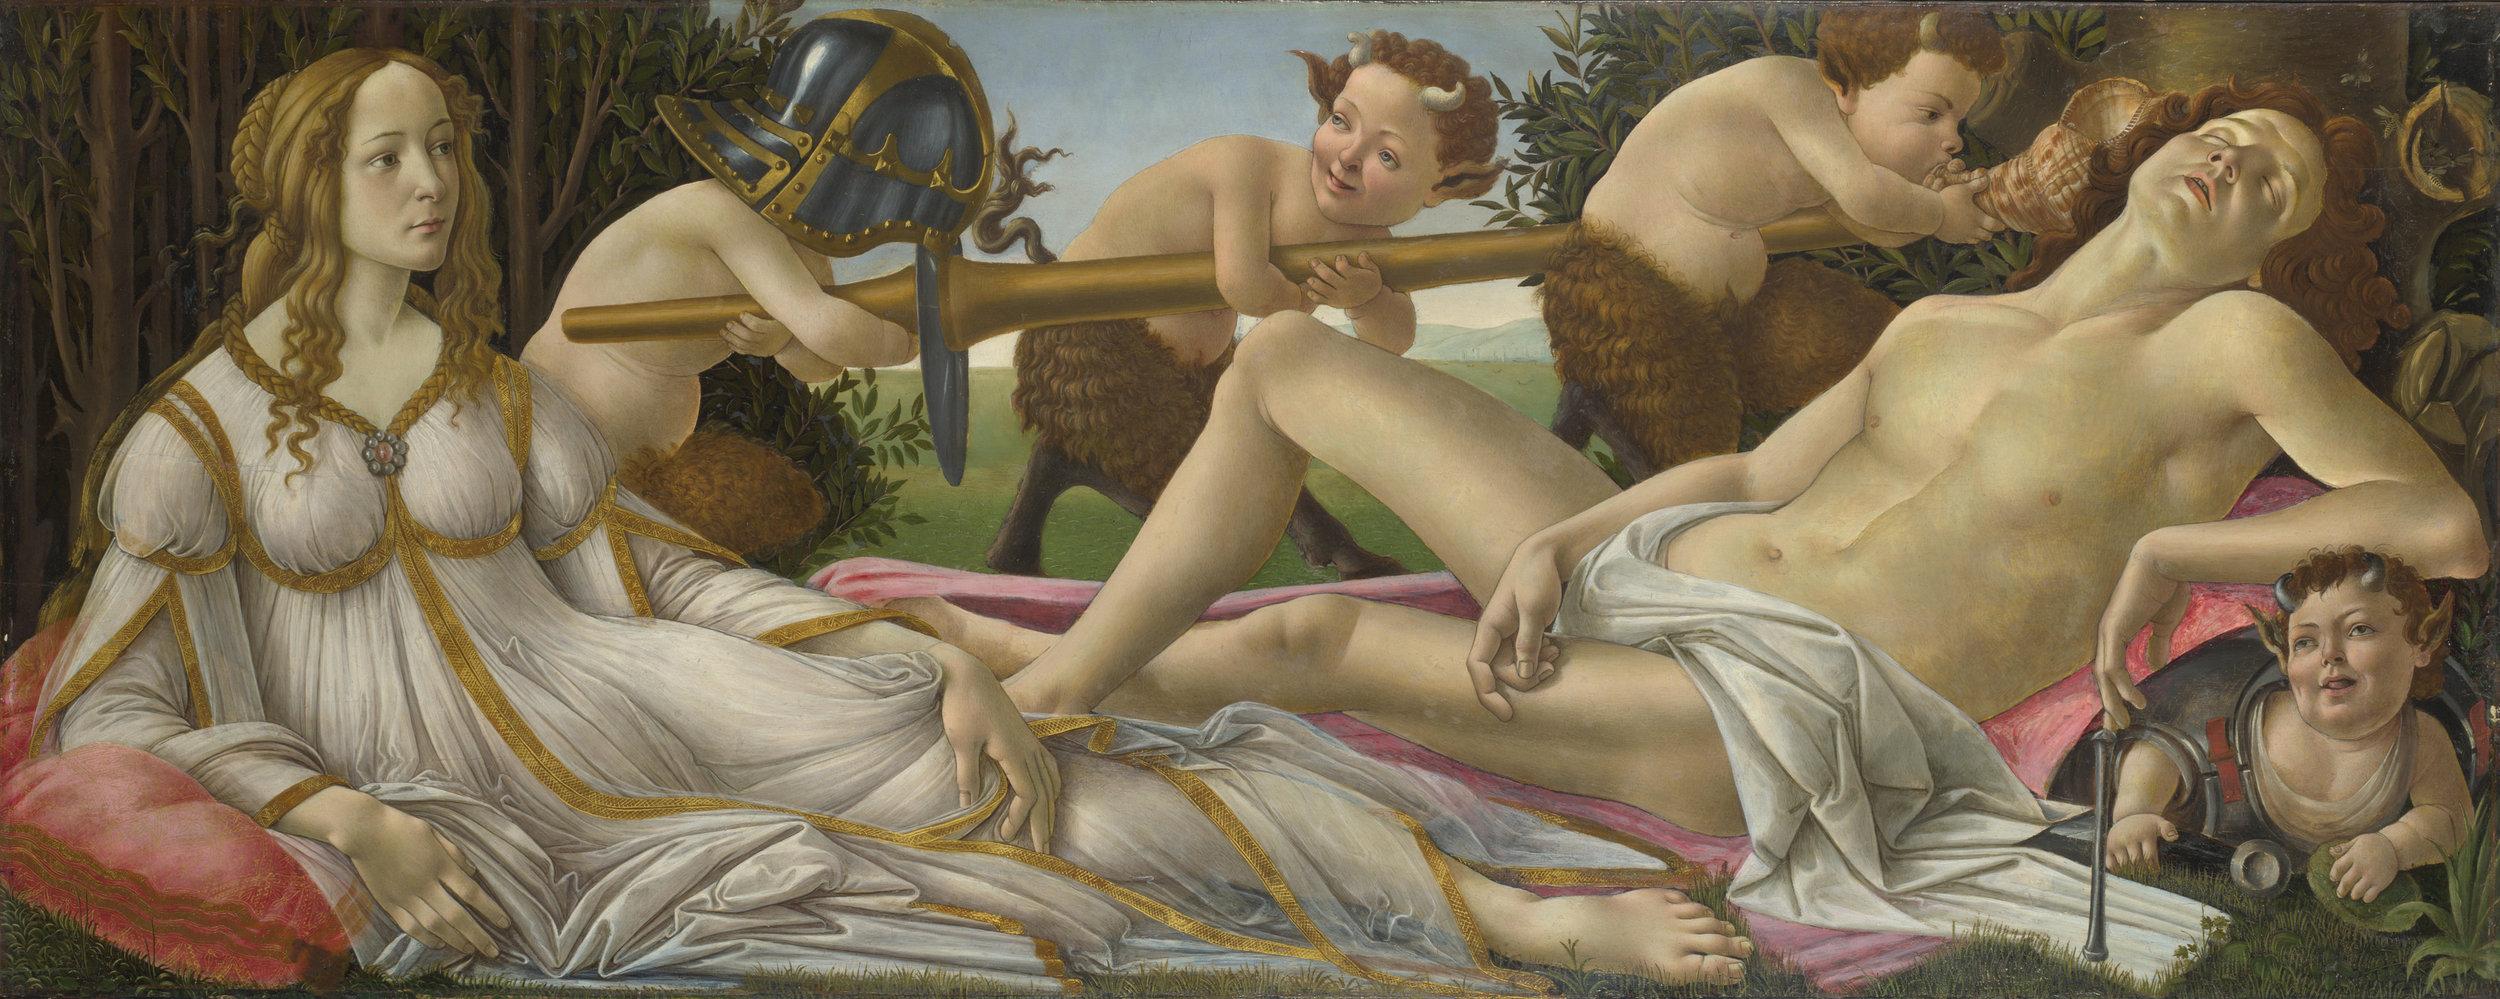 Botticelli's Venus and Mars, circa 1485